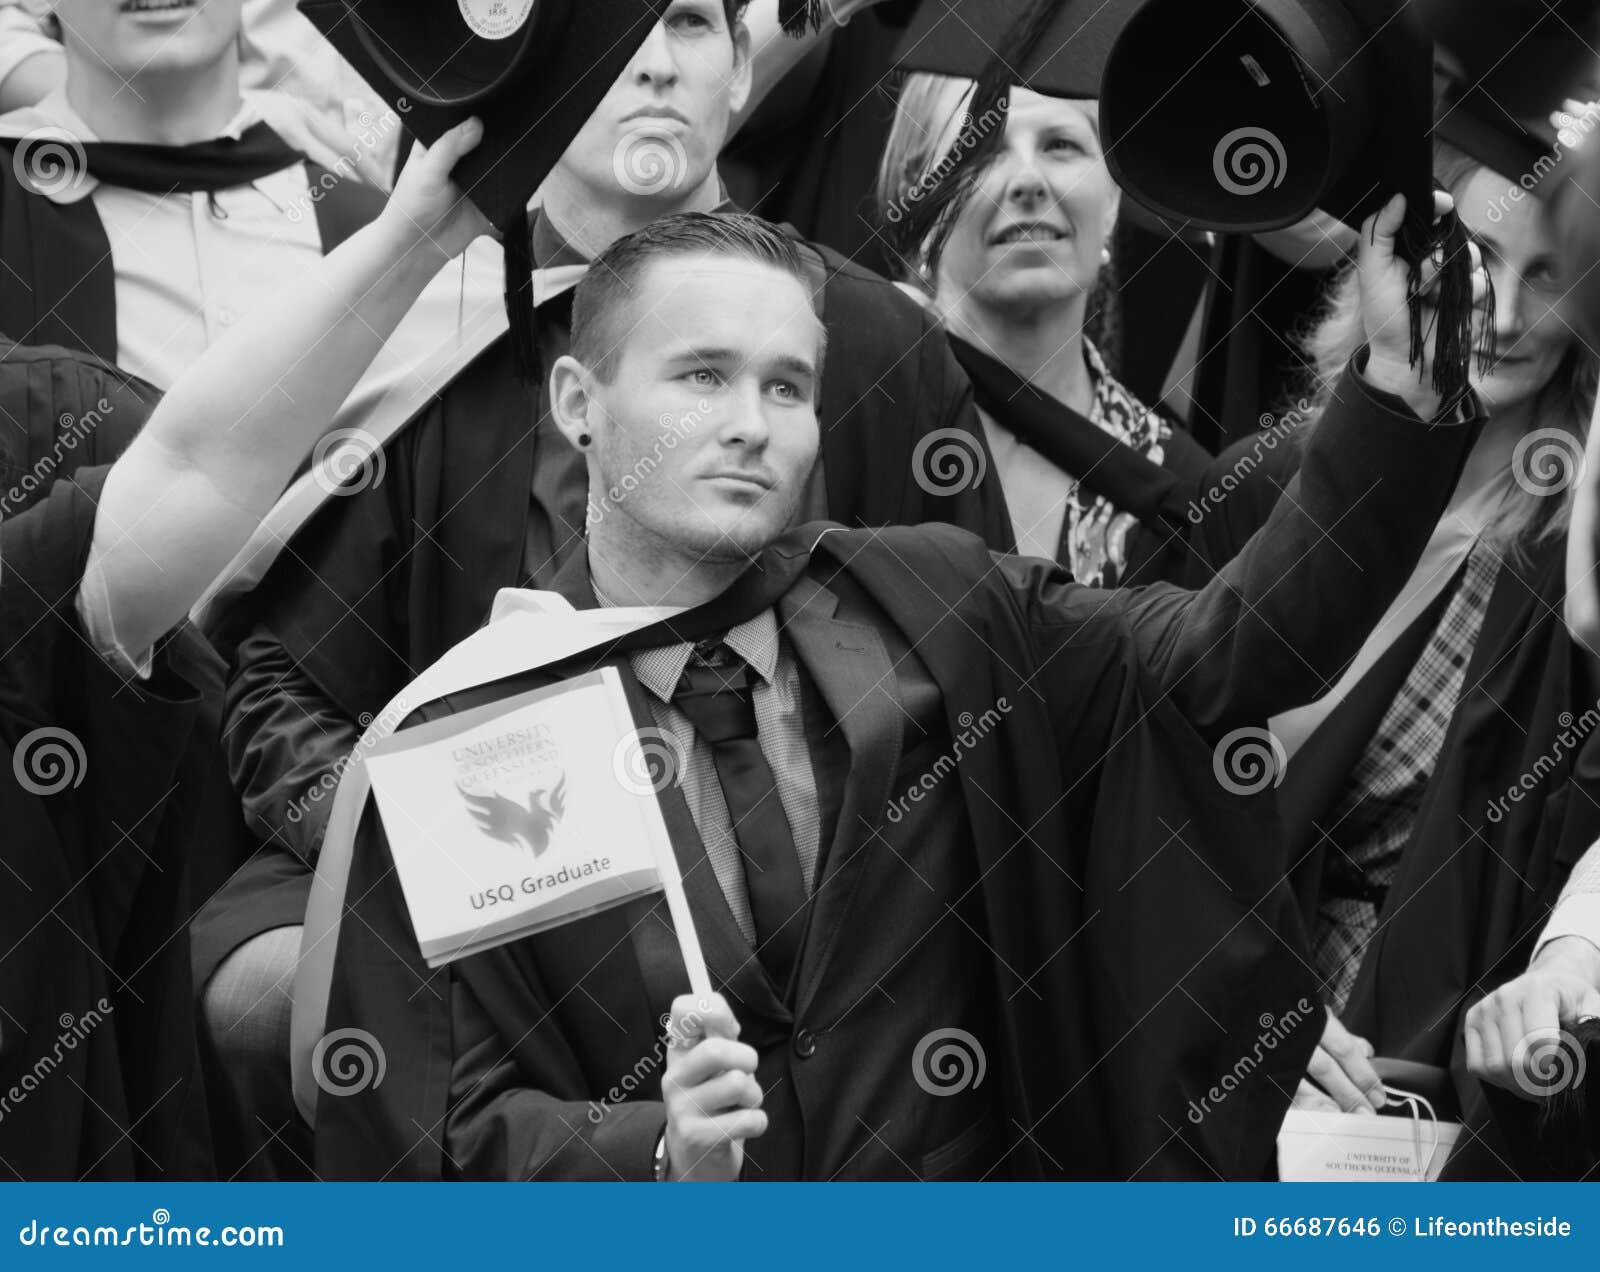 Homens novos & graduados orgulhosos das mulheres do dia de graduação da universidade de USQ